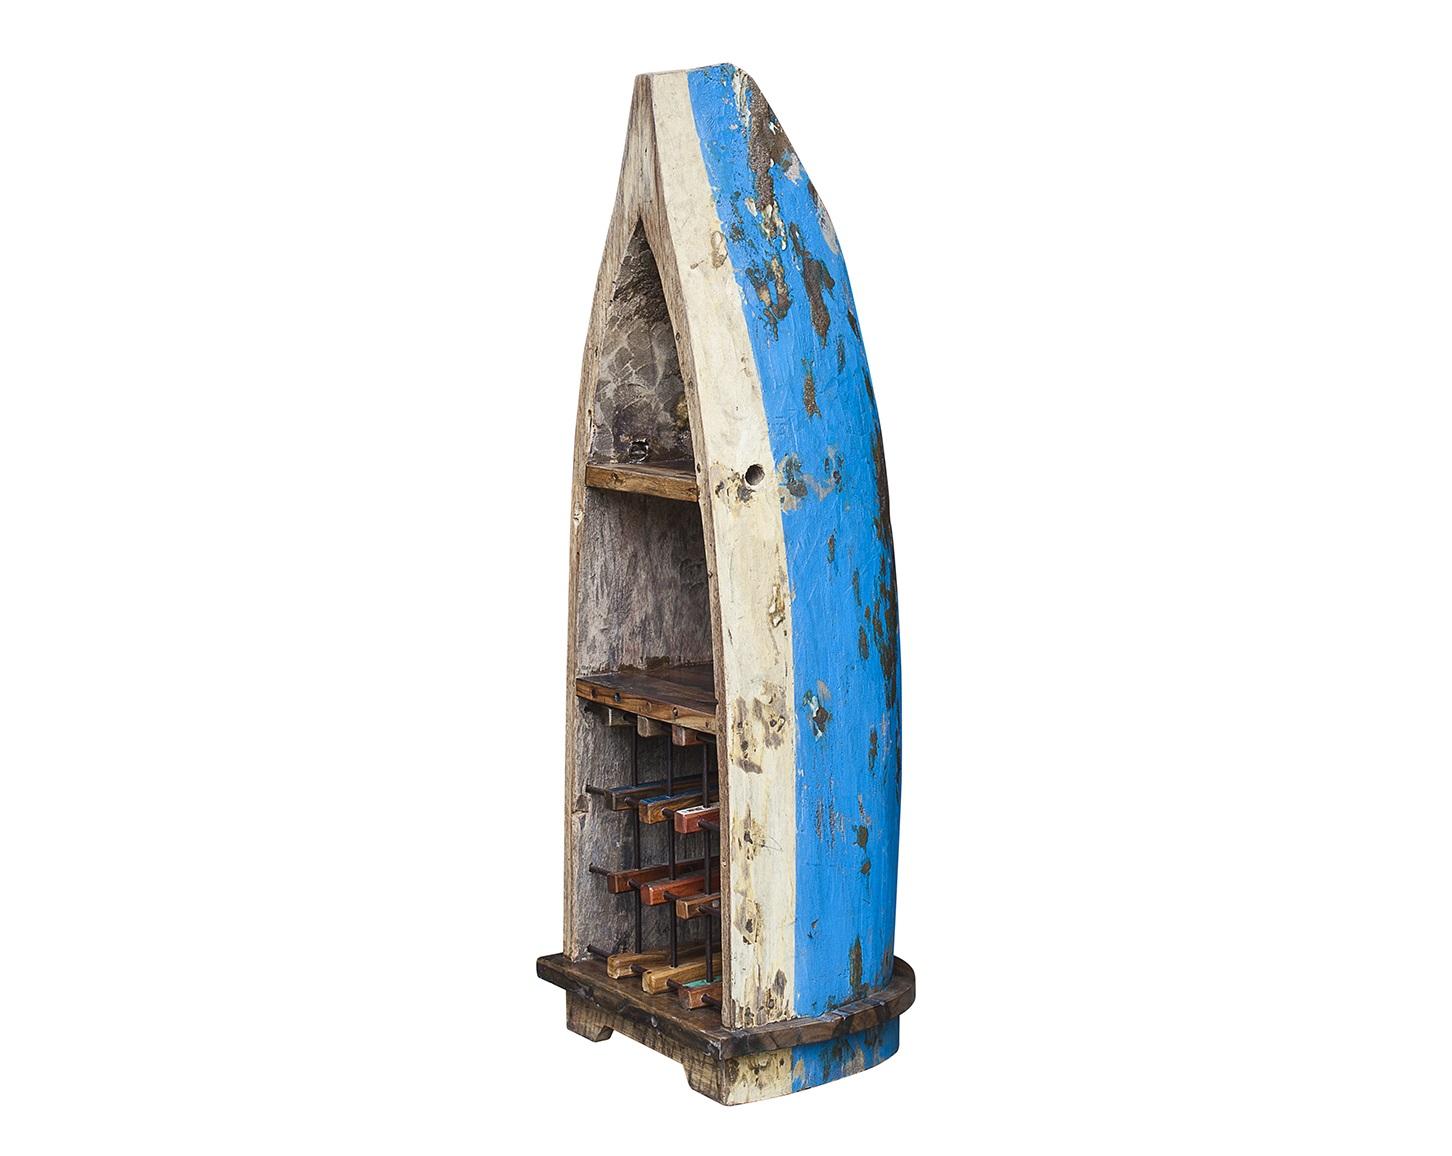 Винный шкаф малый ОдиссейВинные шкафы<br>Винный шкаф, выполненный из старой рыбацкой лодки классической правильной формы с сохранением оригинальной многослойной окраски.<br>Хранит до 15 бутылок. <br>Подходит для использования как внутри помещения, так и снаружи. <br>Сборка не требуется. <br>Покрытие: шеллак <br>Материал: массив тика (махогони, суара)<br><br>Material: Тик<br>Width см: 45<br>Depth см: 51<br>Height см: 140